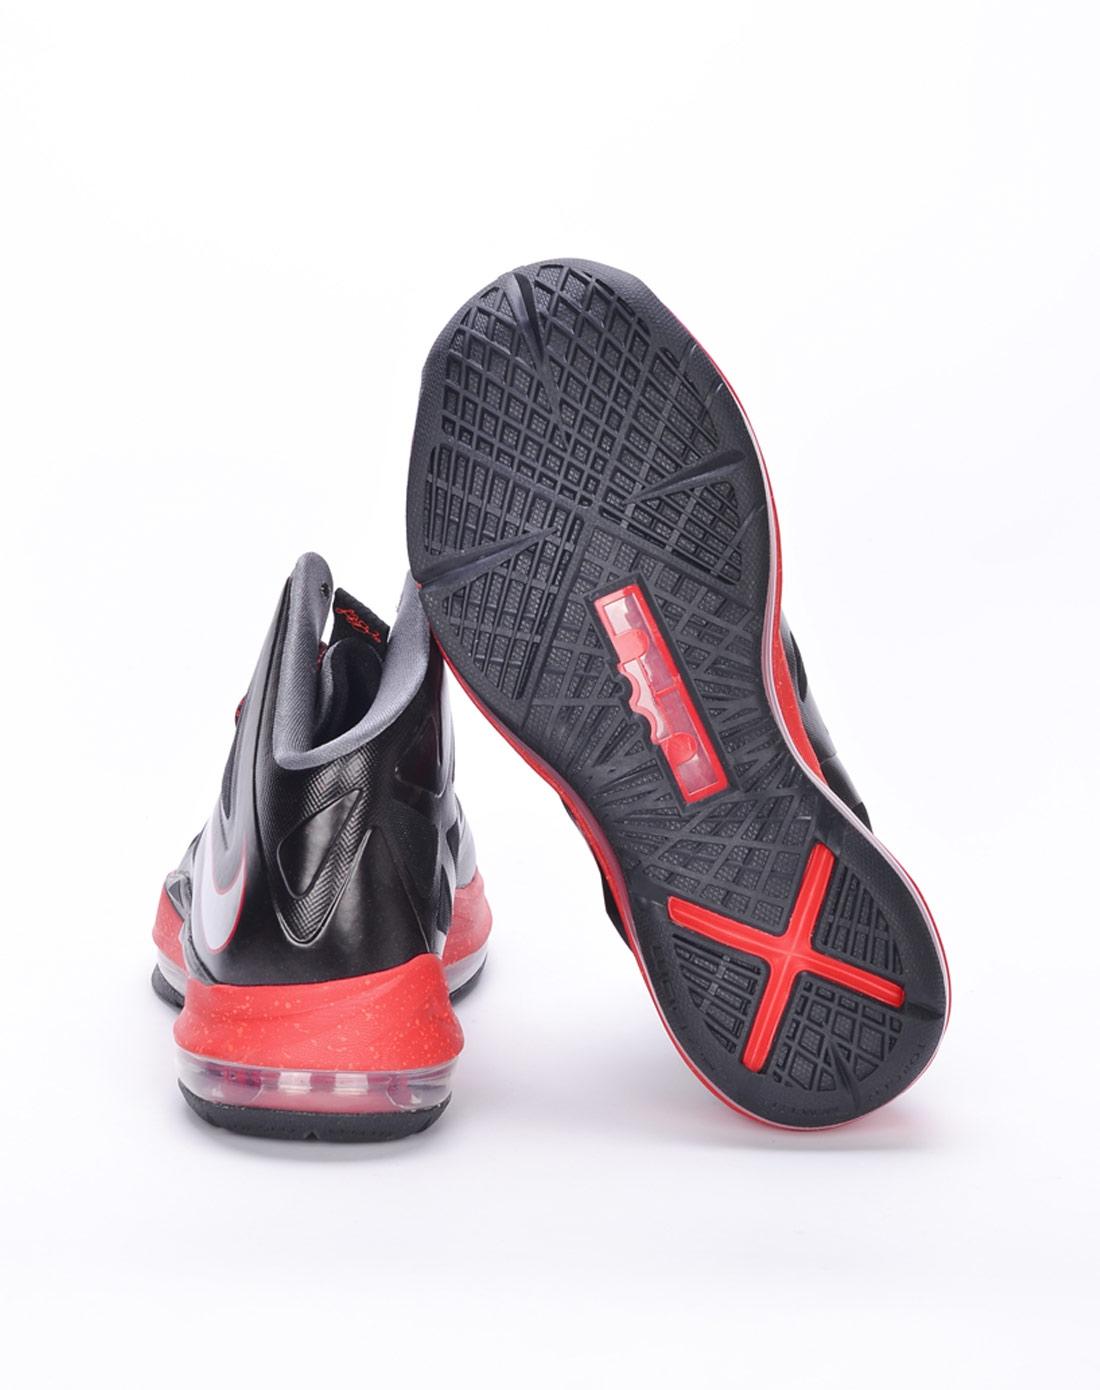 耐克nike儿童黑色lbj篮球鞋543564-001